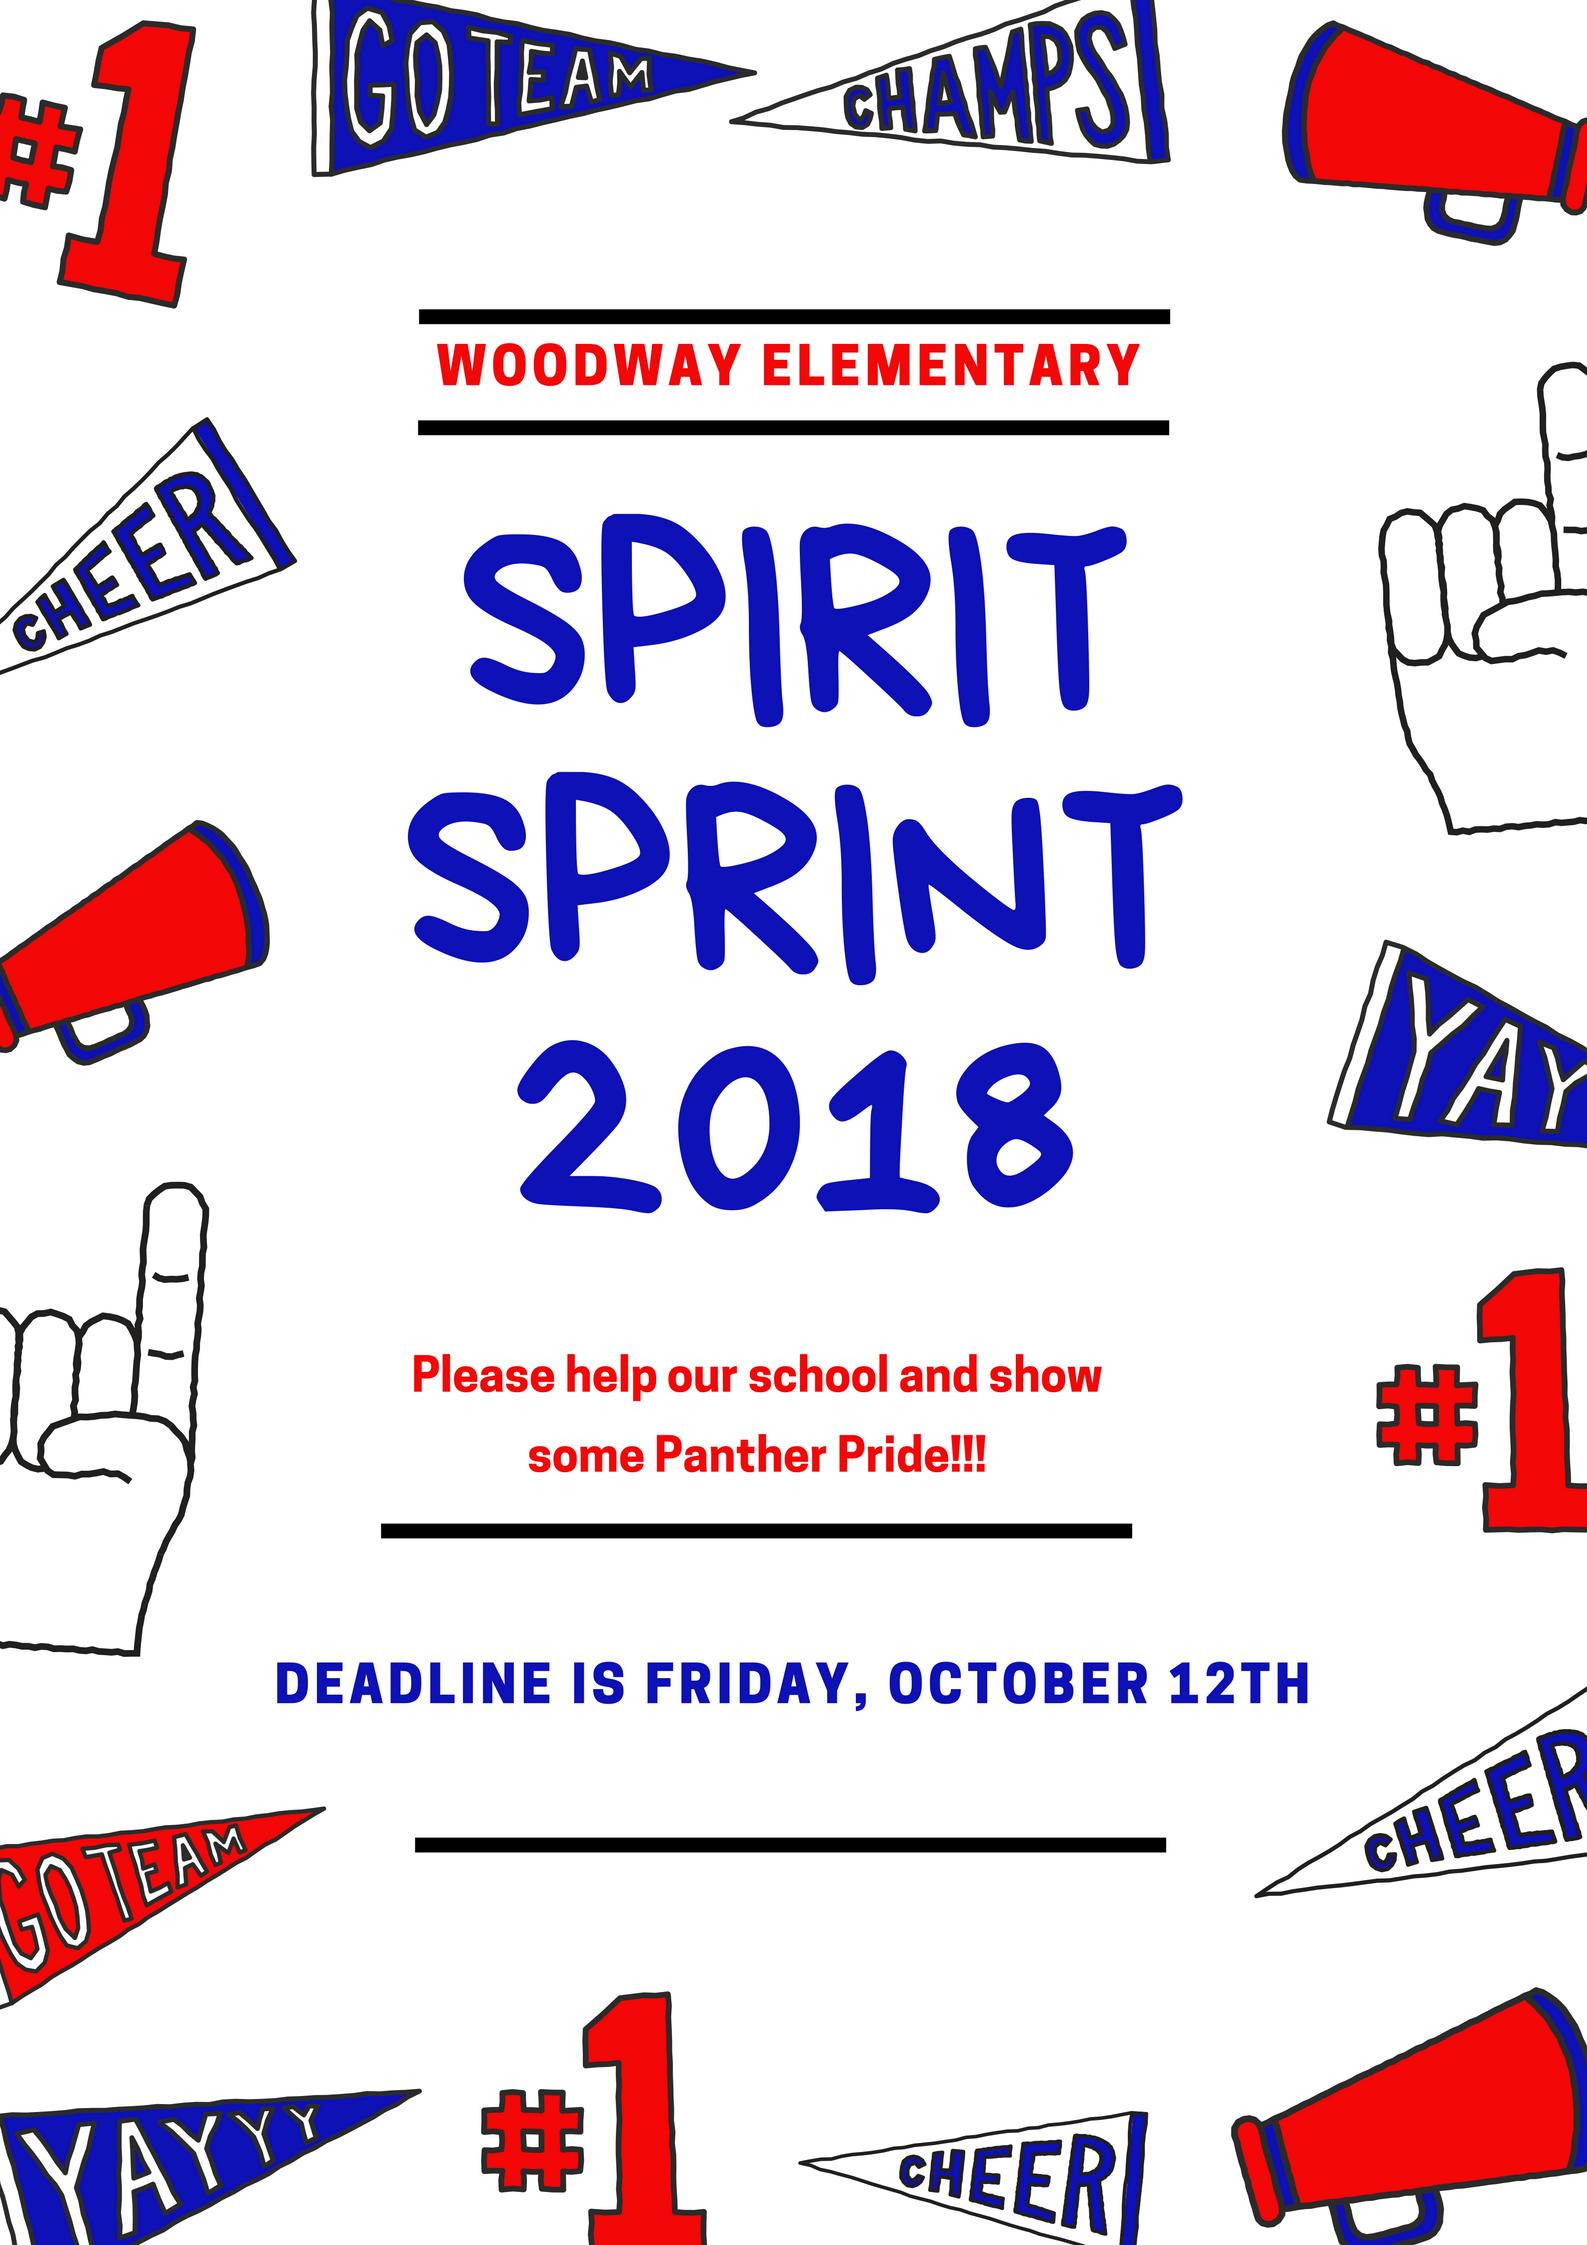 Spirit Sprint 2018